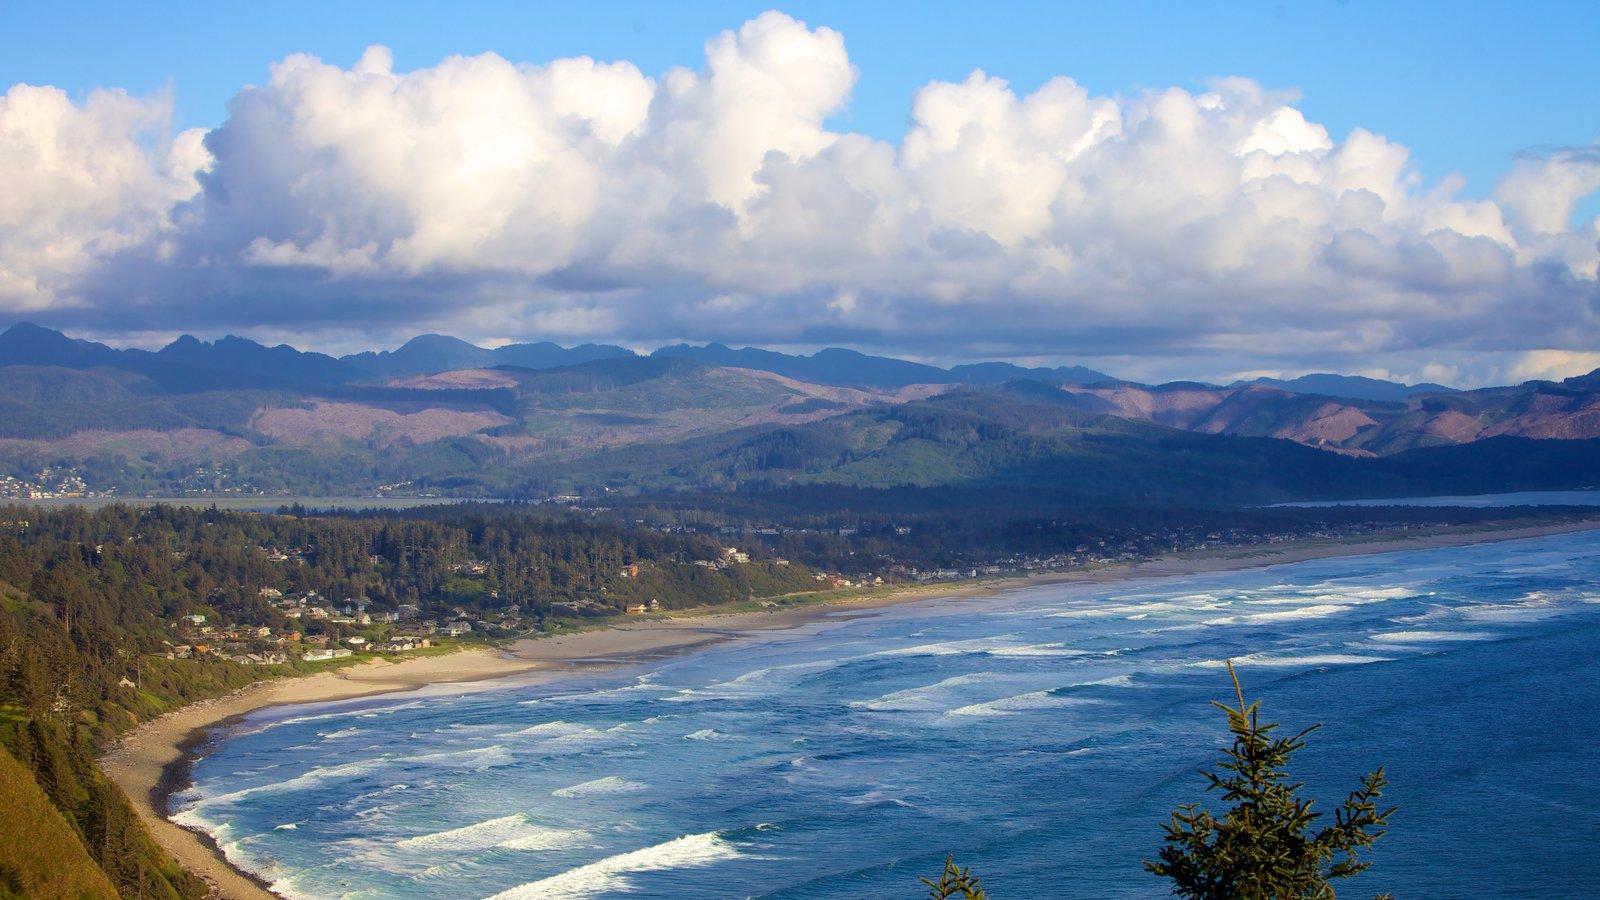 Newport que incluye montañas, vistas de paisajes y vistas generales de la costa